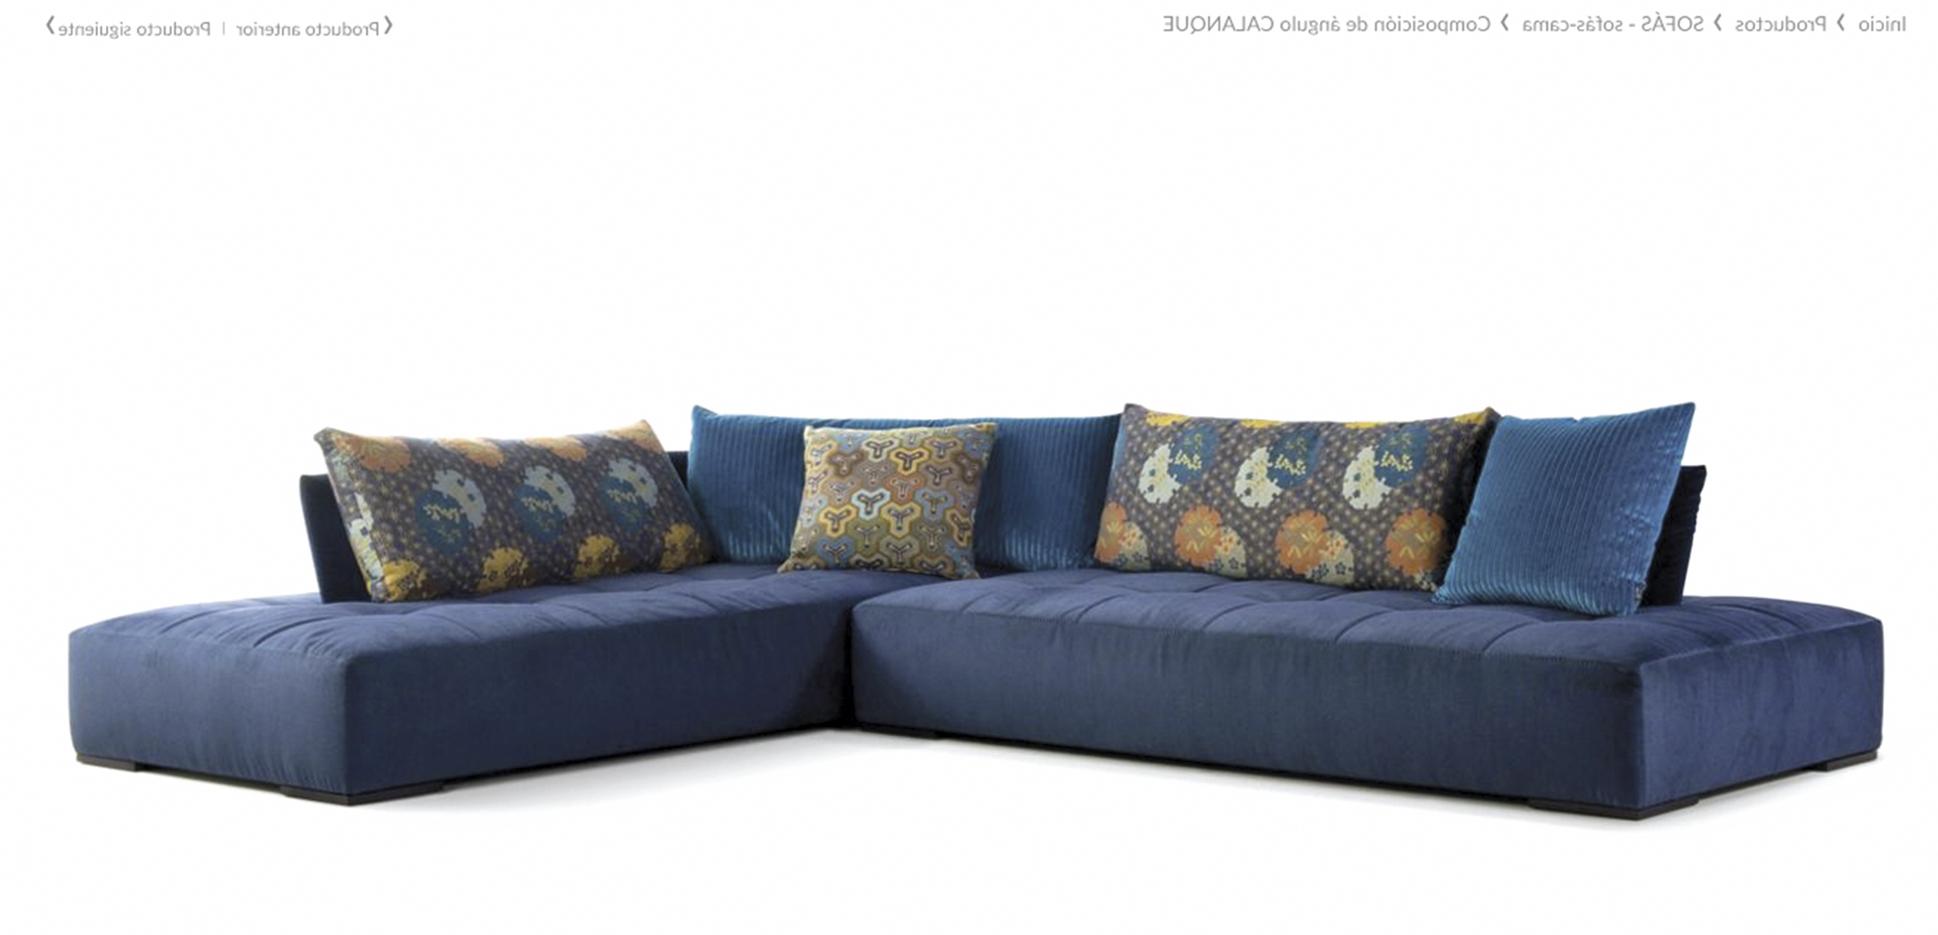 Sofas Modulares 9ddf 15 sofà S Modulares Para Caer Rendido